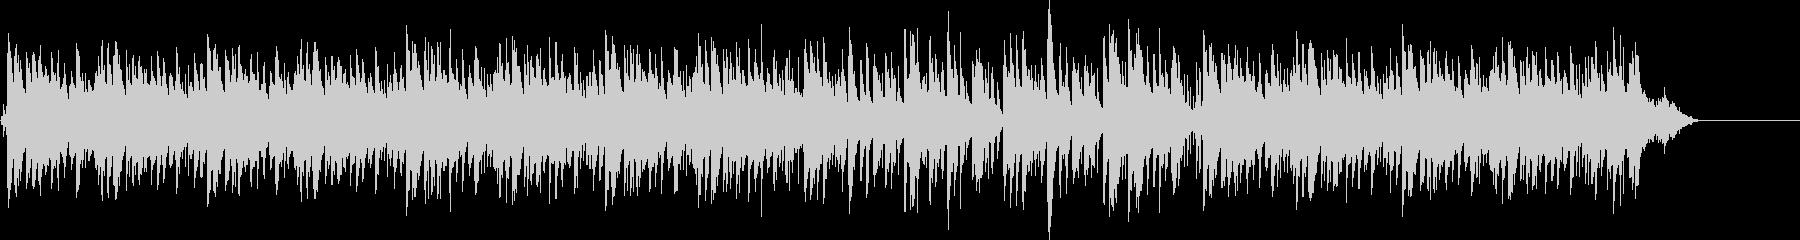 ポップな雰囲気のトロピカルなBGMの未再生の波形